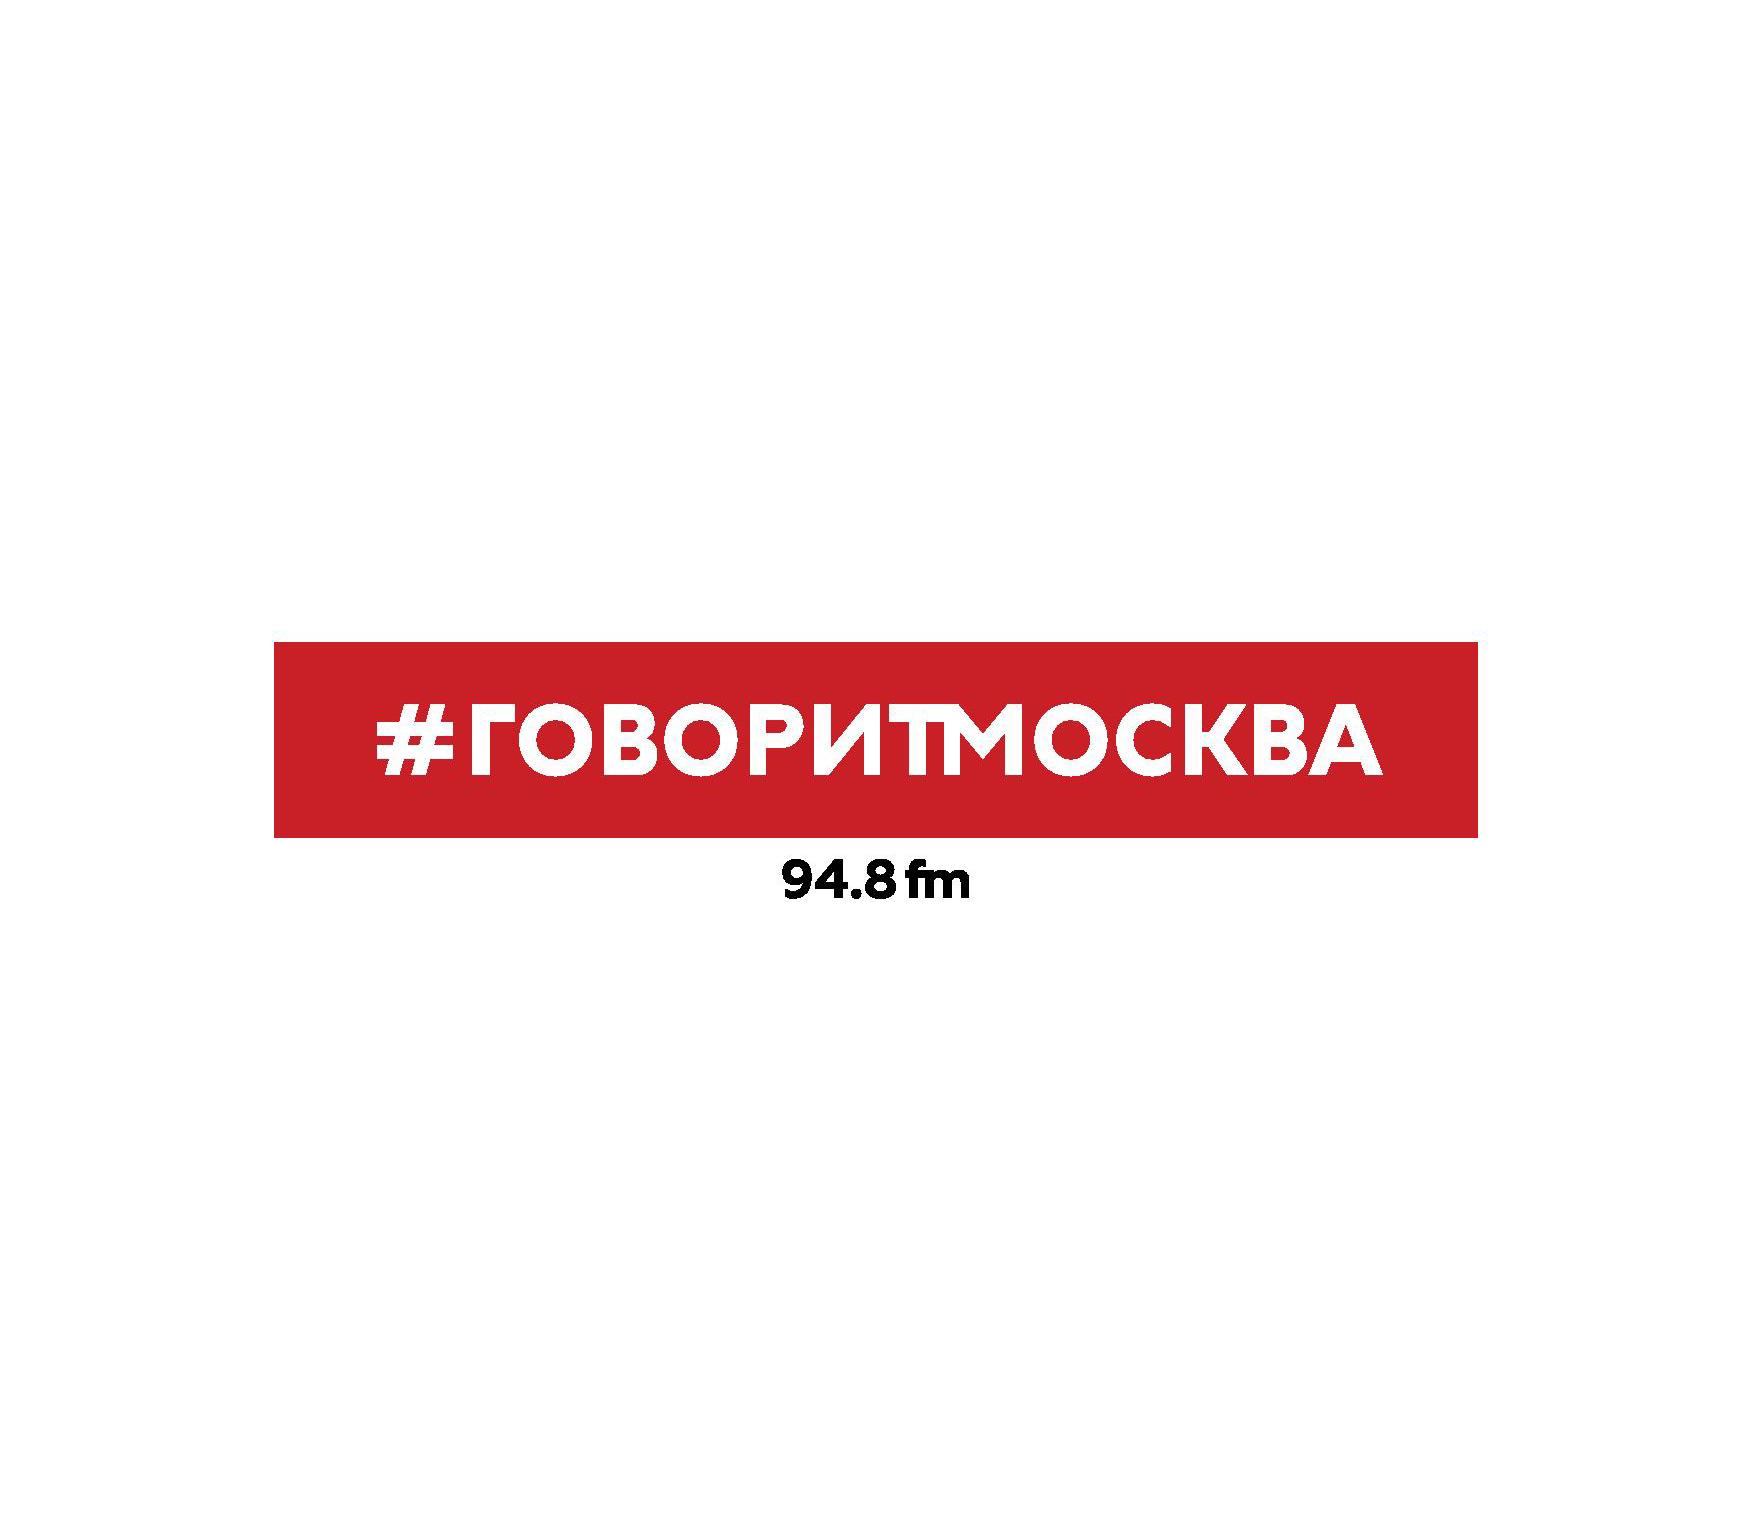 Сергей Береговой Сталинская реконструкция Москвы сергей береговой сталинская реконструкция москвы